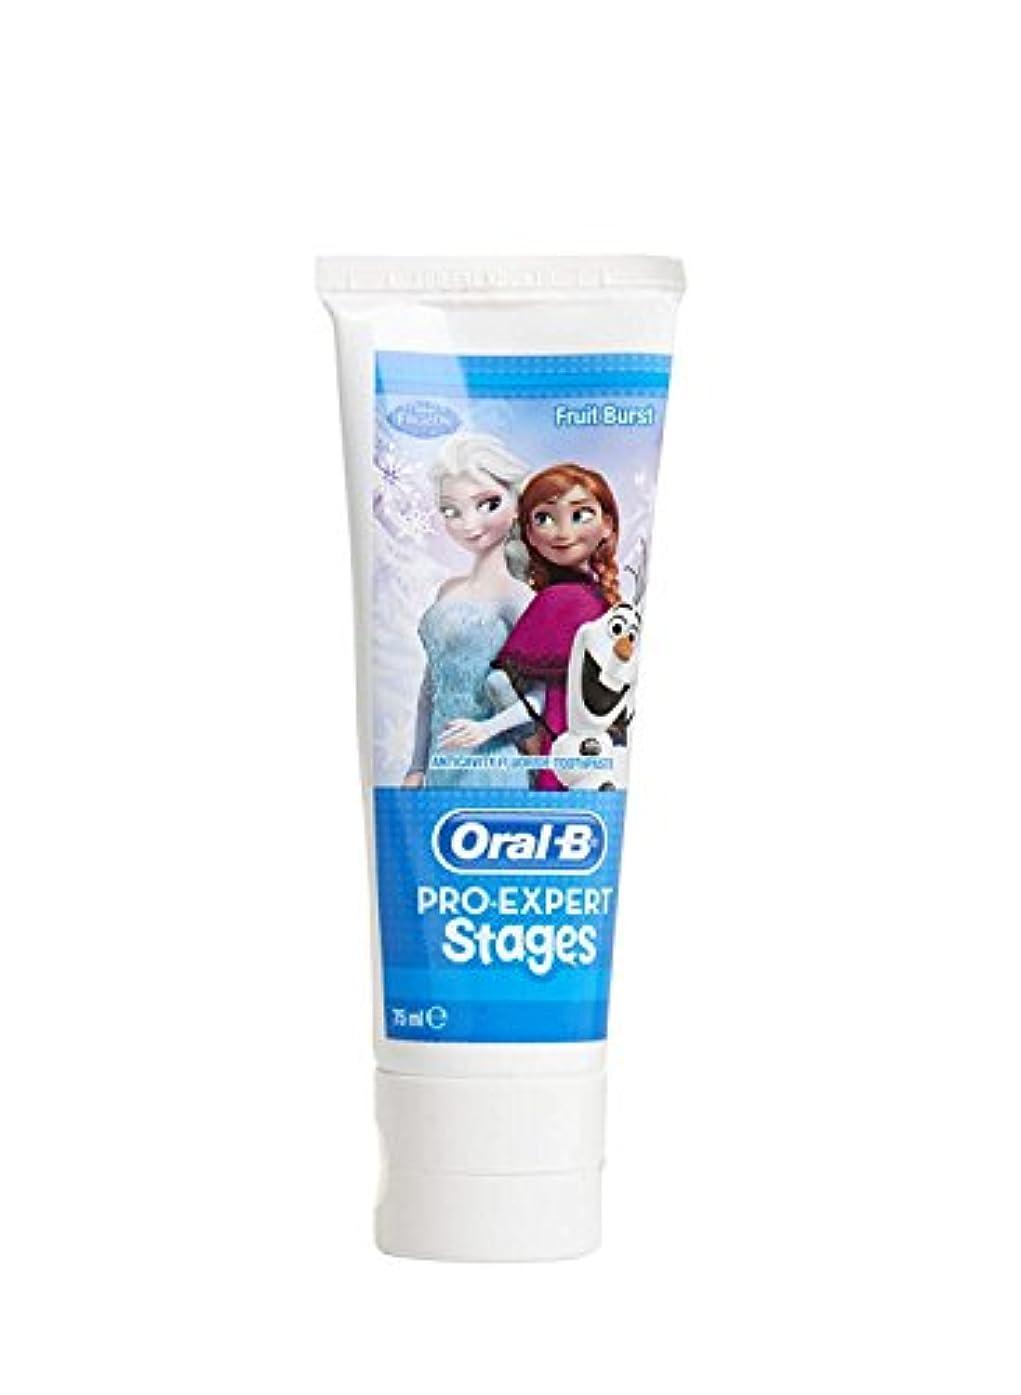 ひばり聞きます前にオーラルB アナ雪キャラクター 子供用 歯磨き粉 5-7歳対象  並行輸入品 海外発送